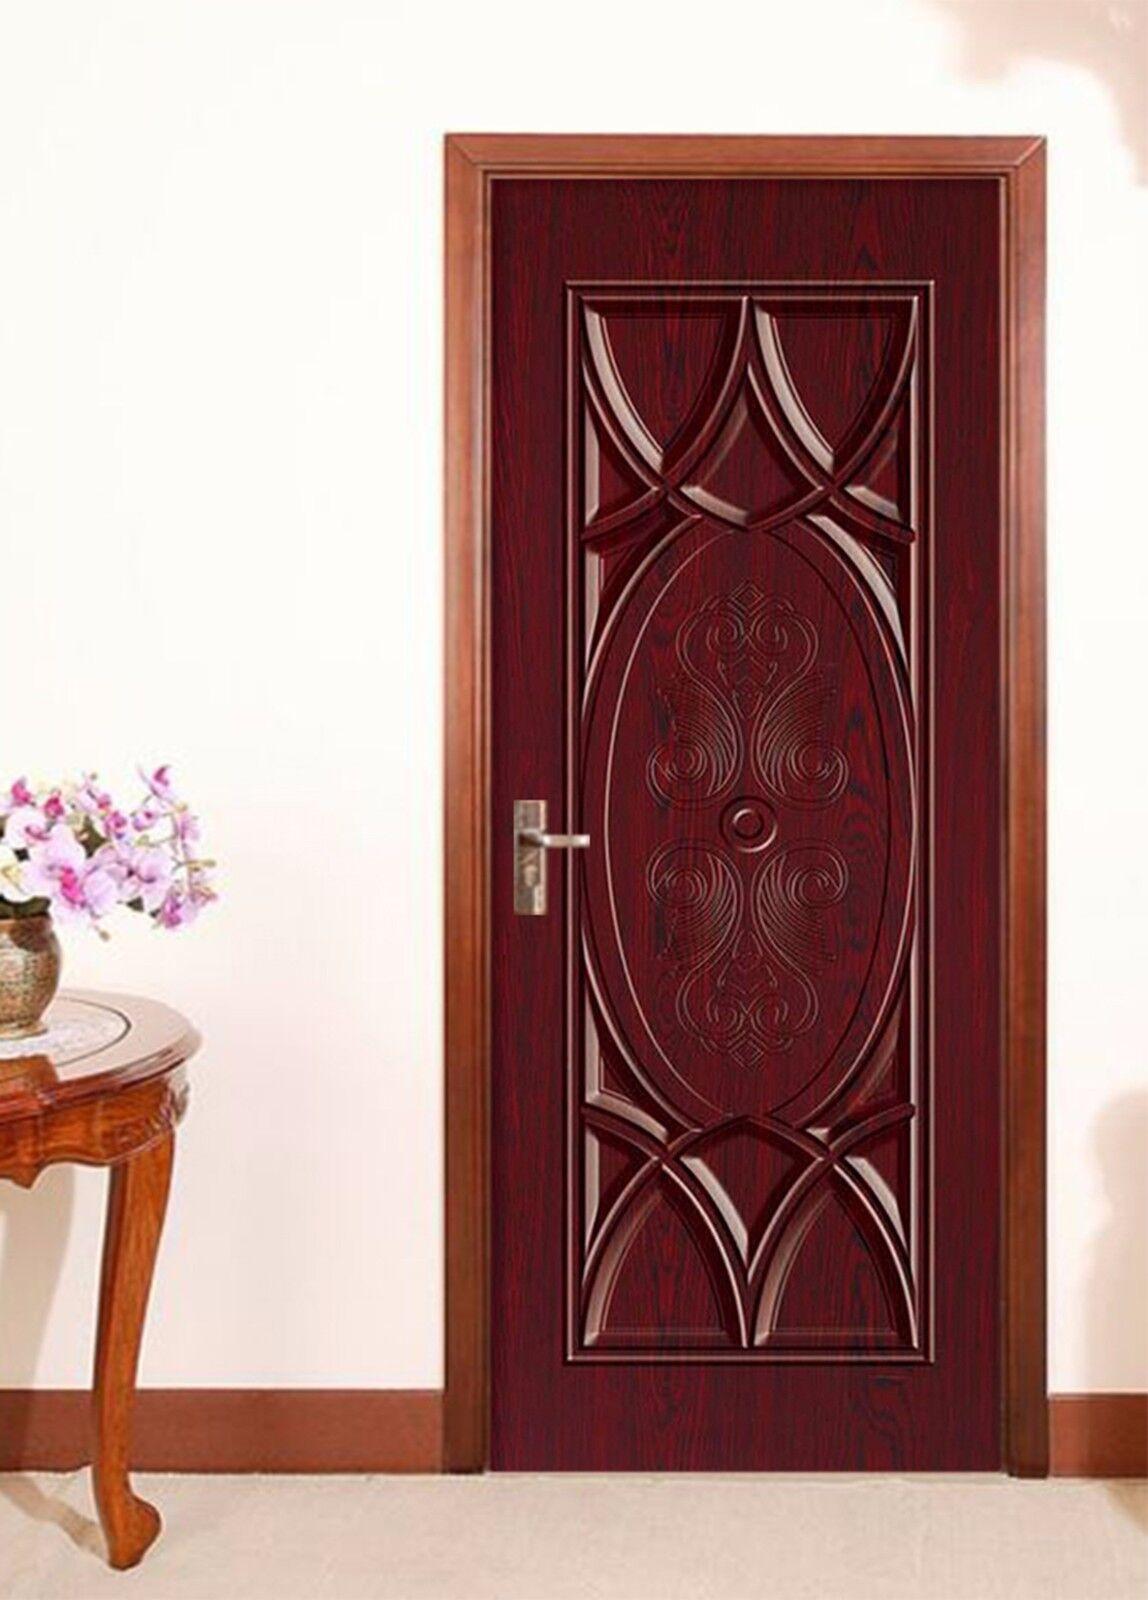 3D Muster 746 Tür Wandmalerei Wandaufkleber Aufkleber AJ WALLPAPER DE Kyra | Sorgfältig ausgewählte Materialien  | Kostengünstiger  | Starke Hitze- und Abnutzungsbeständigkeit